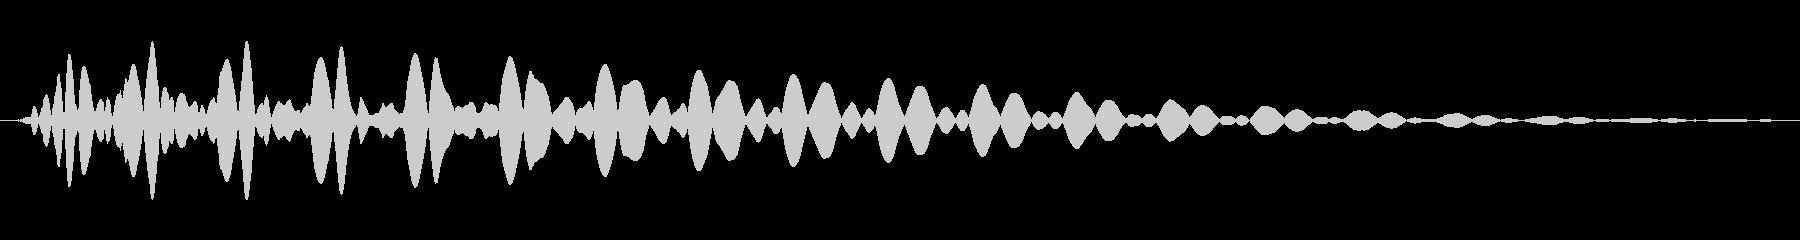 PureTouch アプリ用タッチ音64の未再生の波形